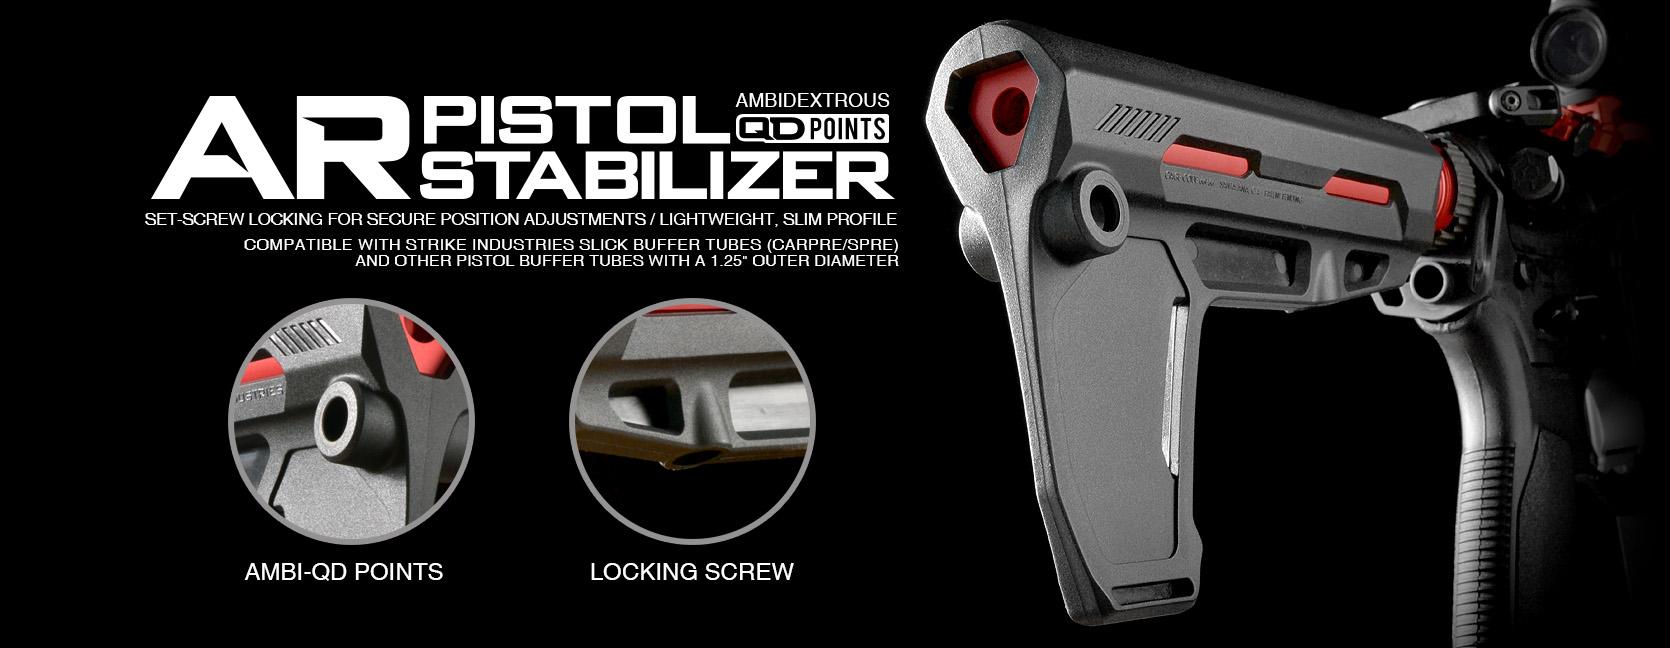 pistol-stabilizer.jpg